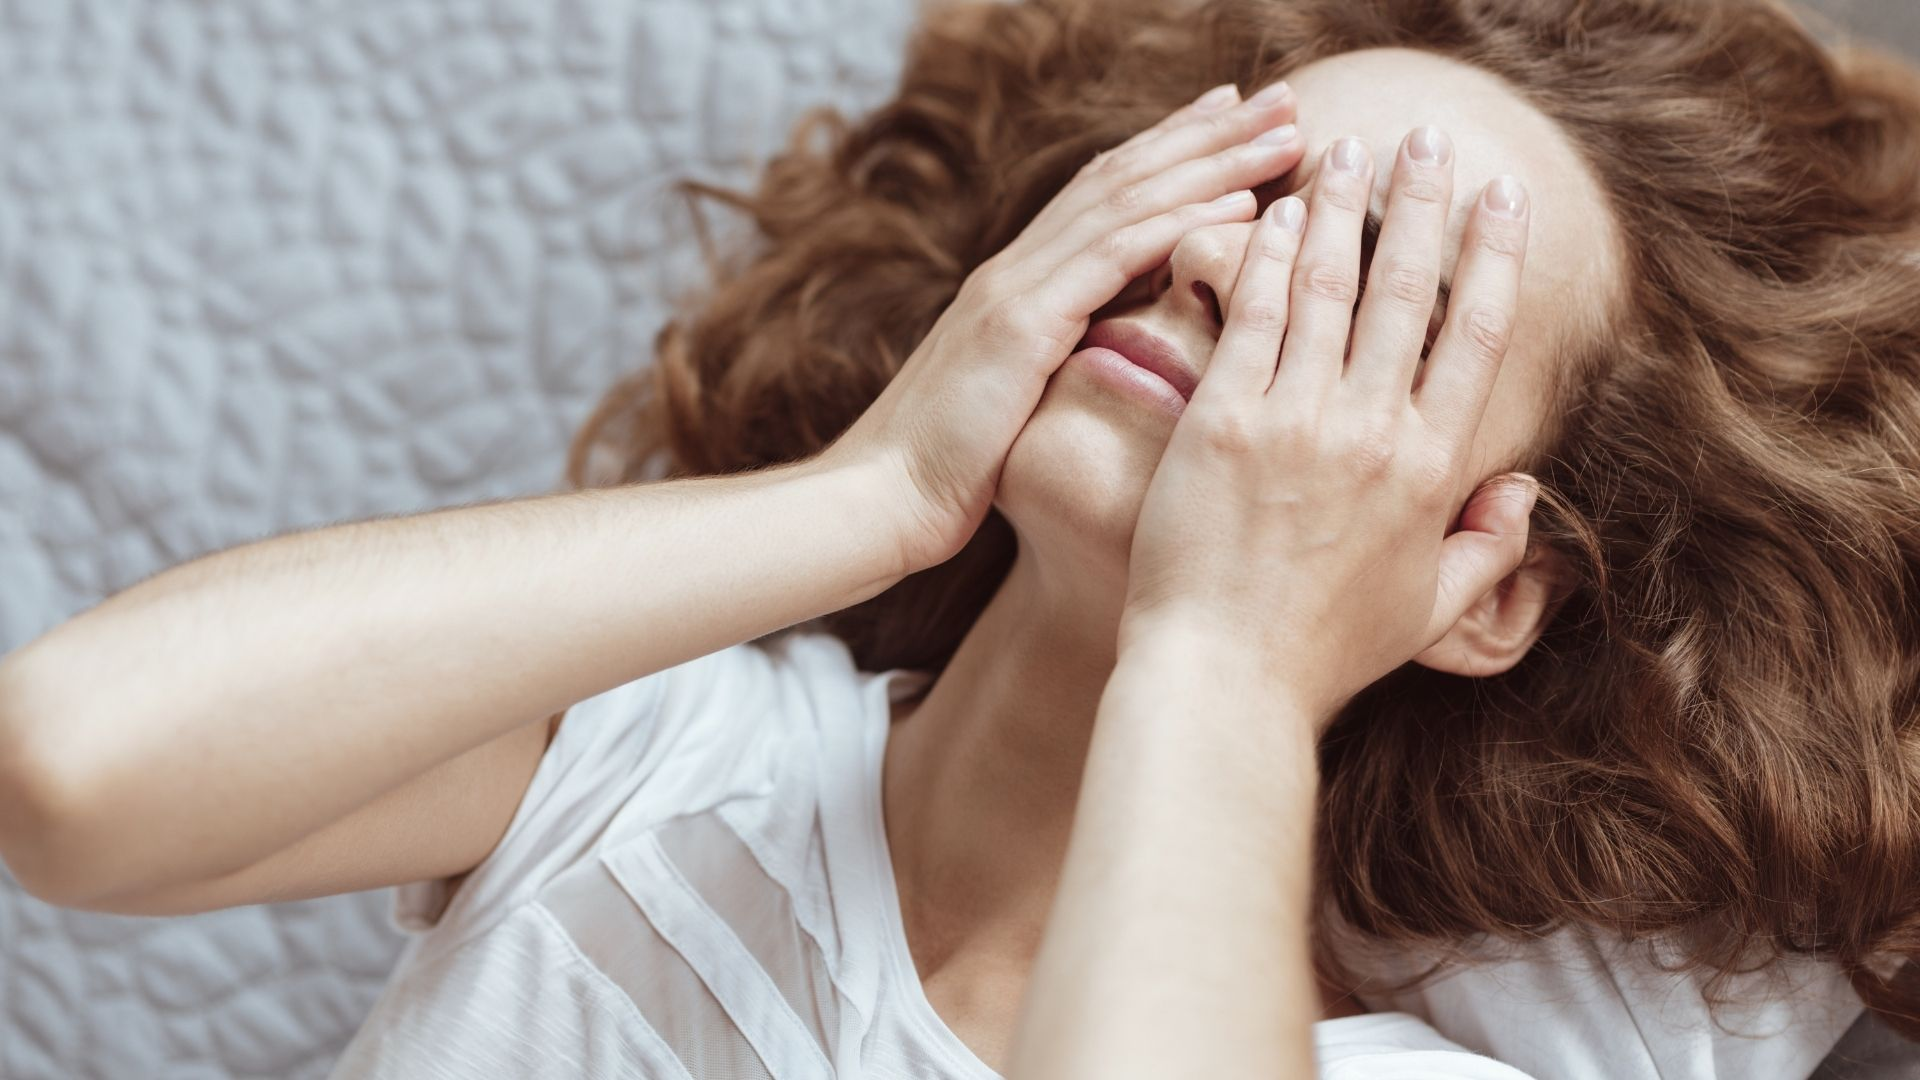 So wirst du schnell negative Gedanken los, die dir im Kopf herumschwirren. Wir haben konkrete Schritte, die dir sofort helfen.